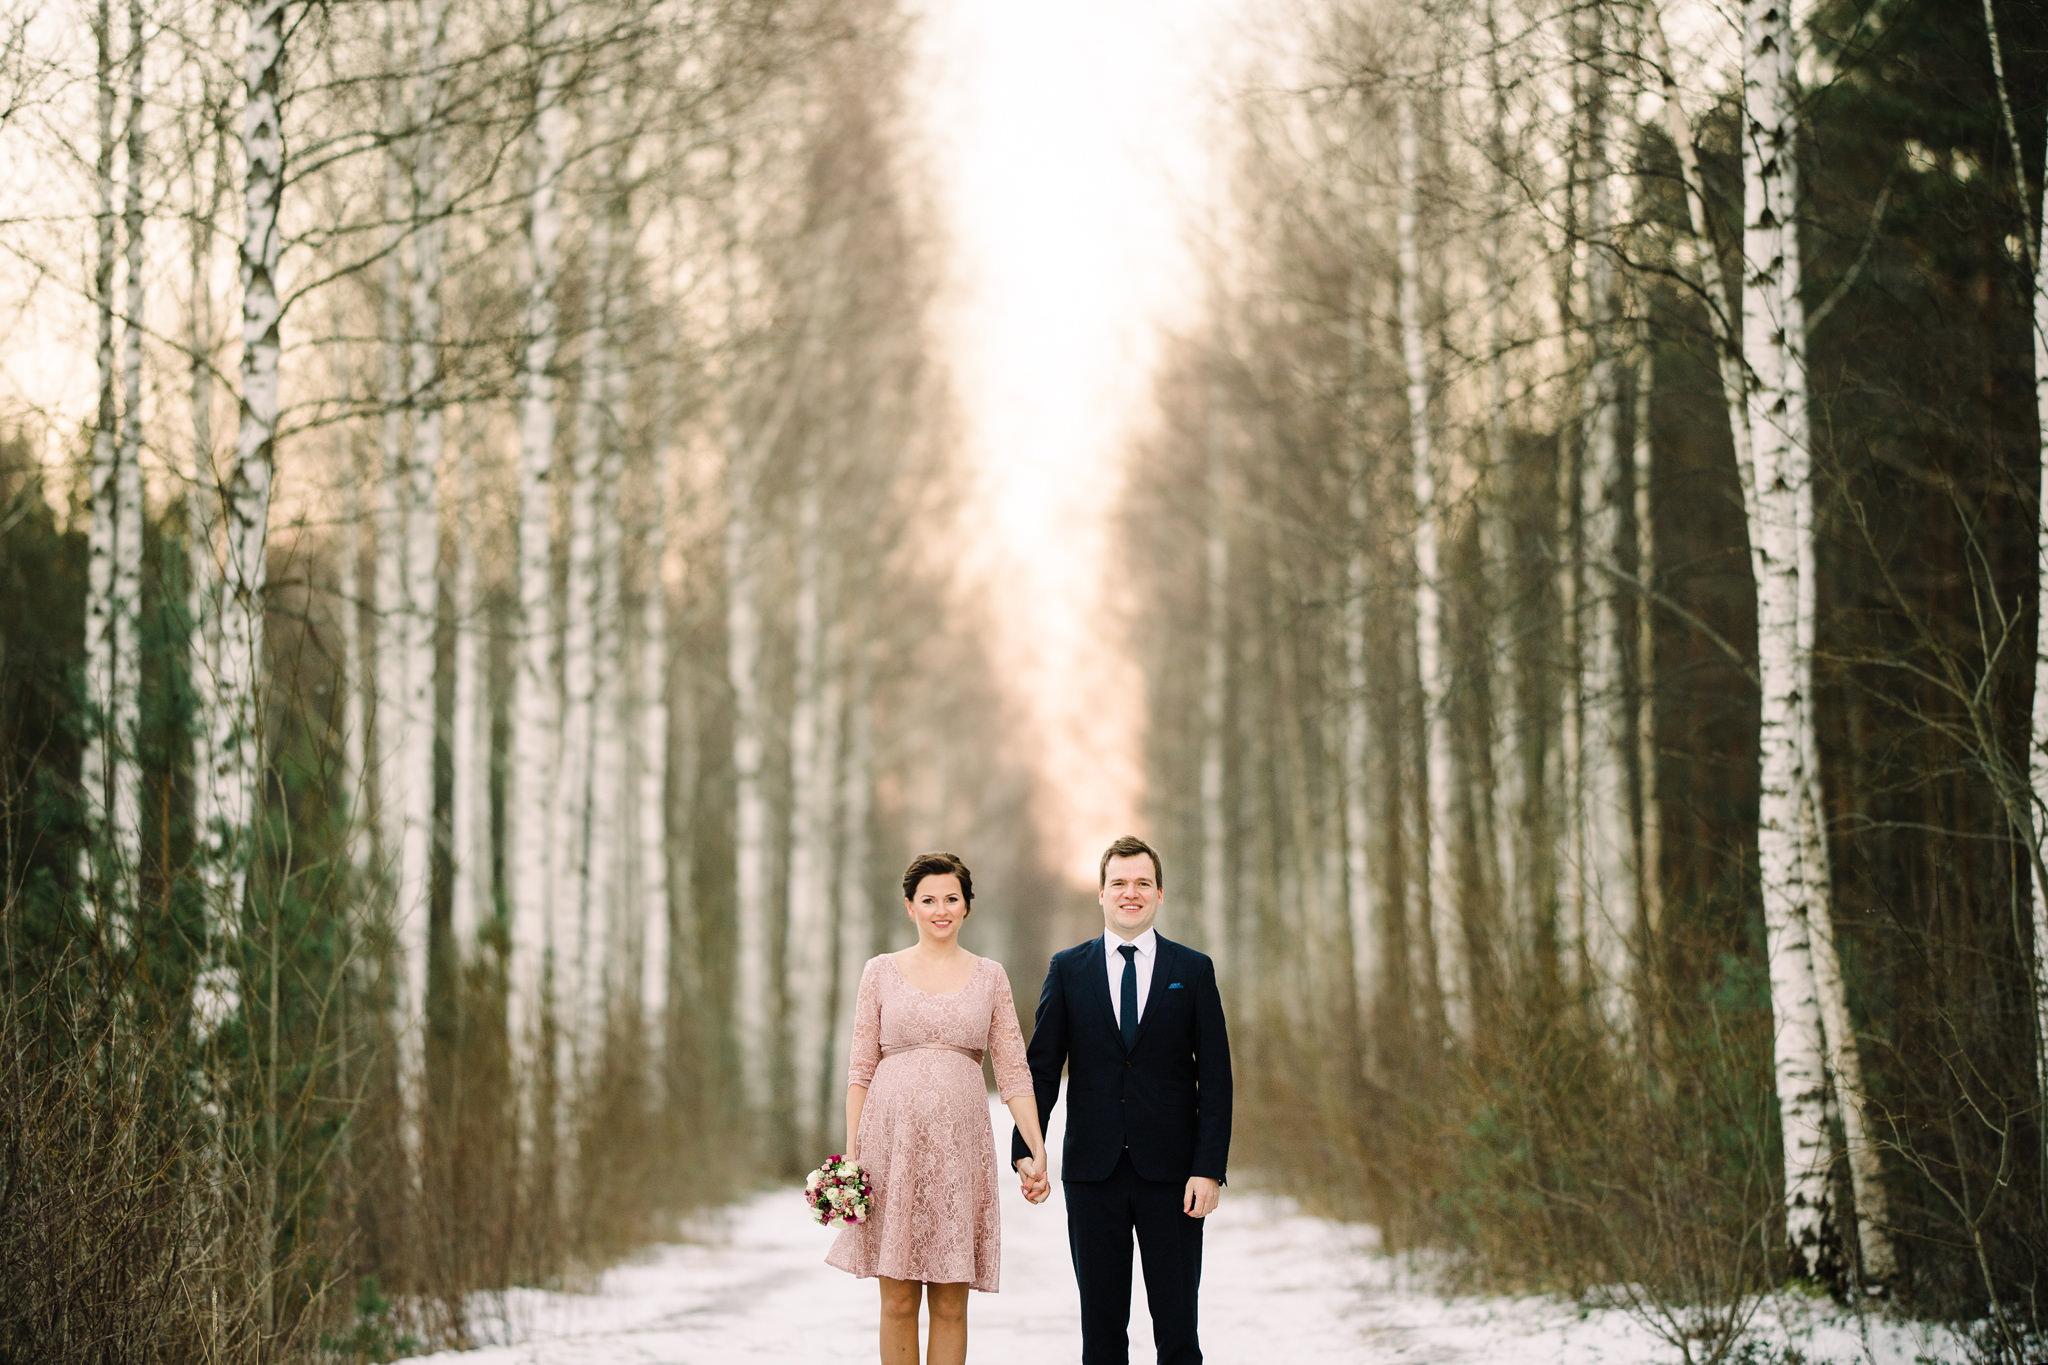 eesti-parim-pulmafotograaf-paaskula-raba-mait-juriado-mj-studios